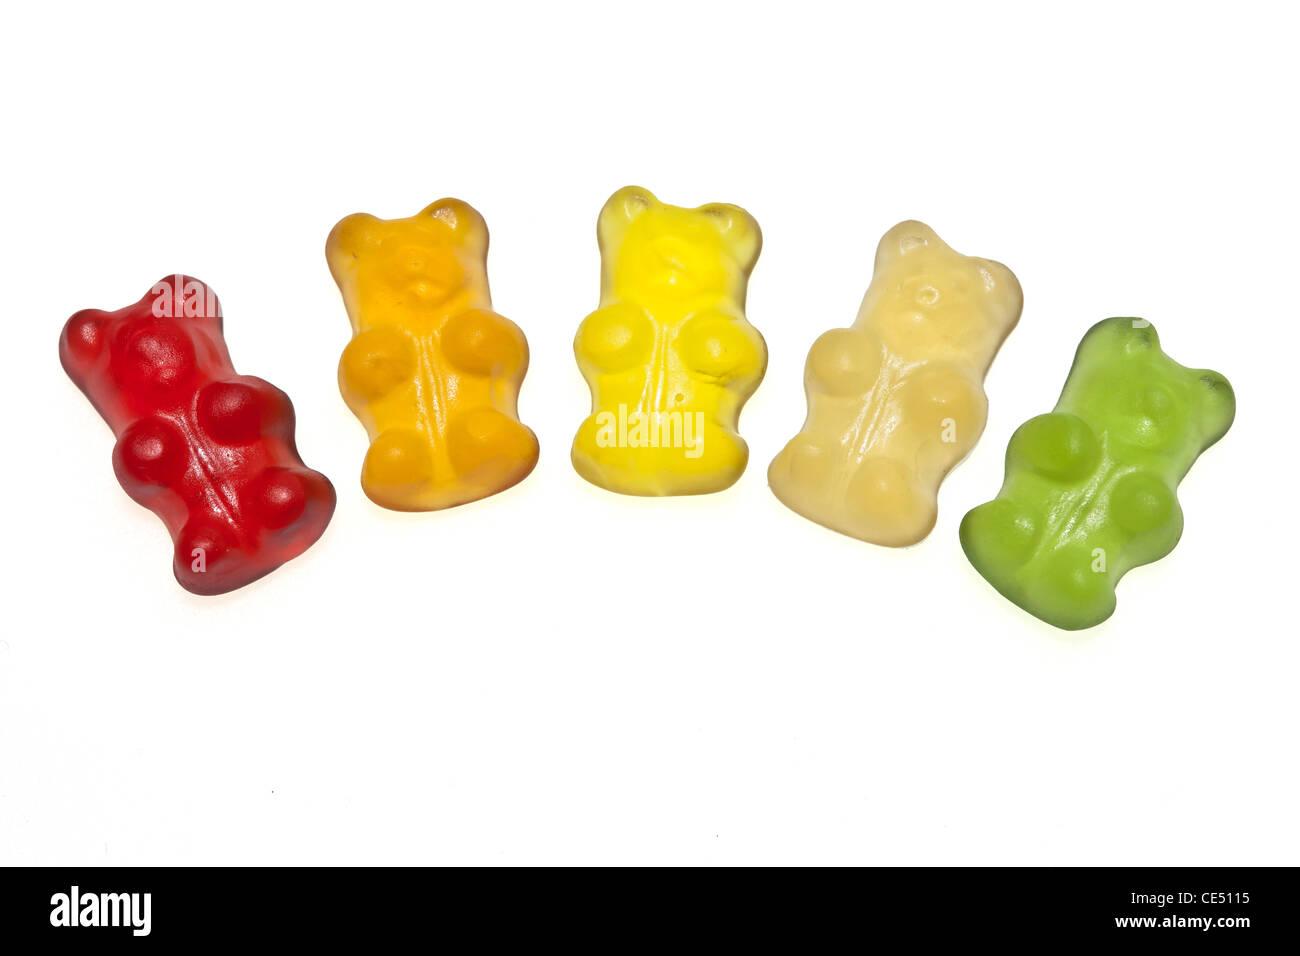 Ours Gummi bio, aromatisé et coloré avec du jus de fruits, Banque D'Images